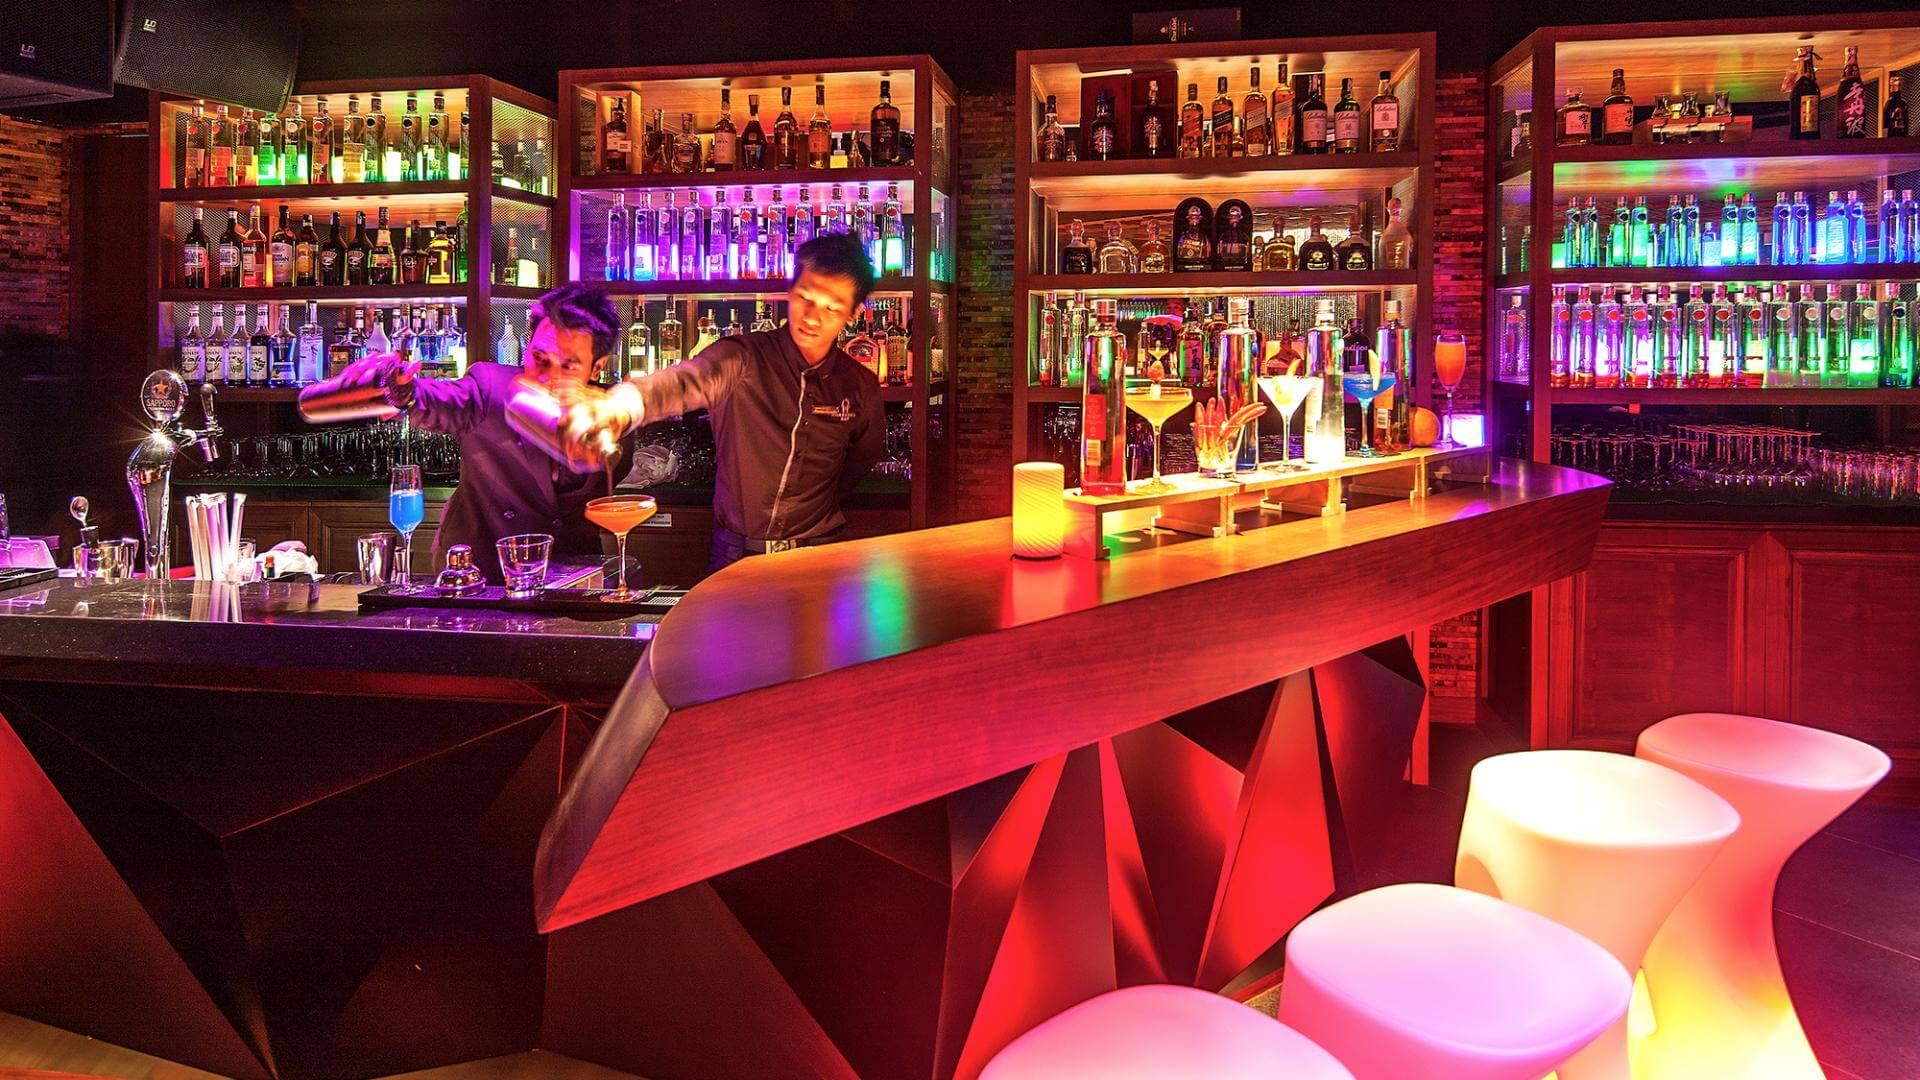 Những quán bar ở thành phố Quảng Bình là điểm đến thu hút nhiều giới trẻ